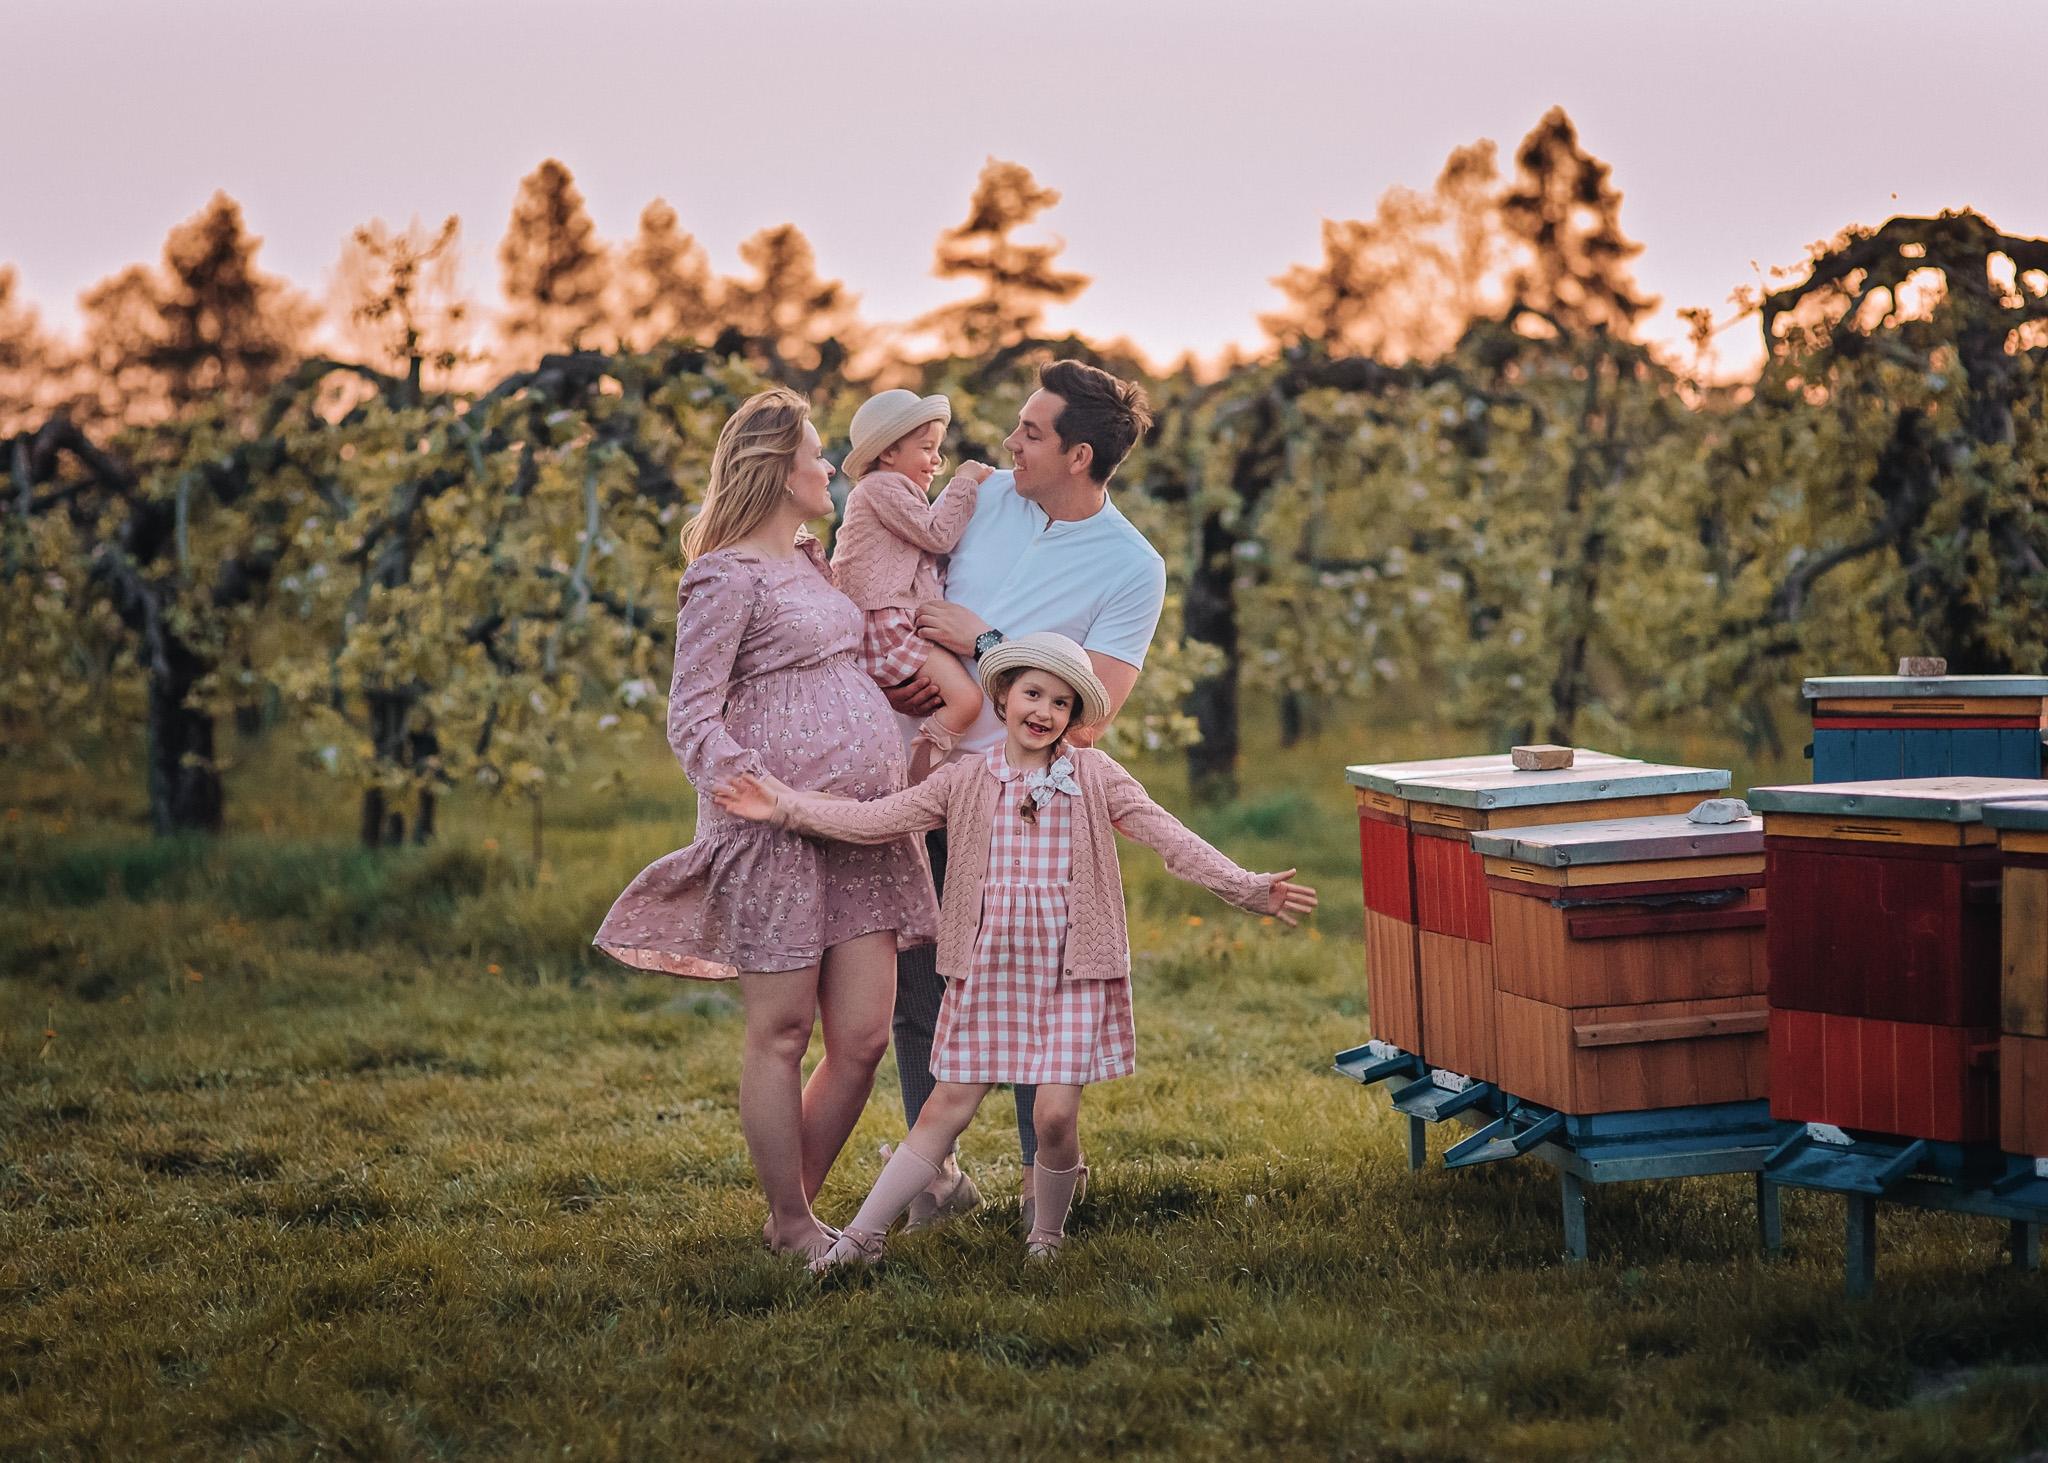 rodzinna sesja w kwitnącym sadzie plener wiosna warszawa lesznowola konstancin